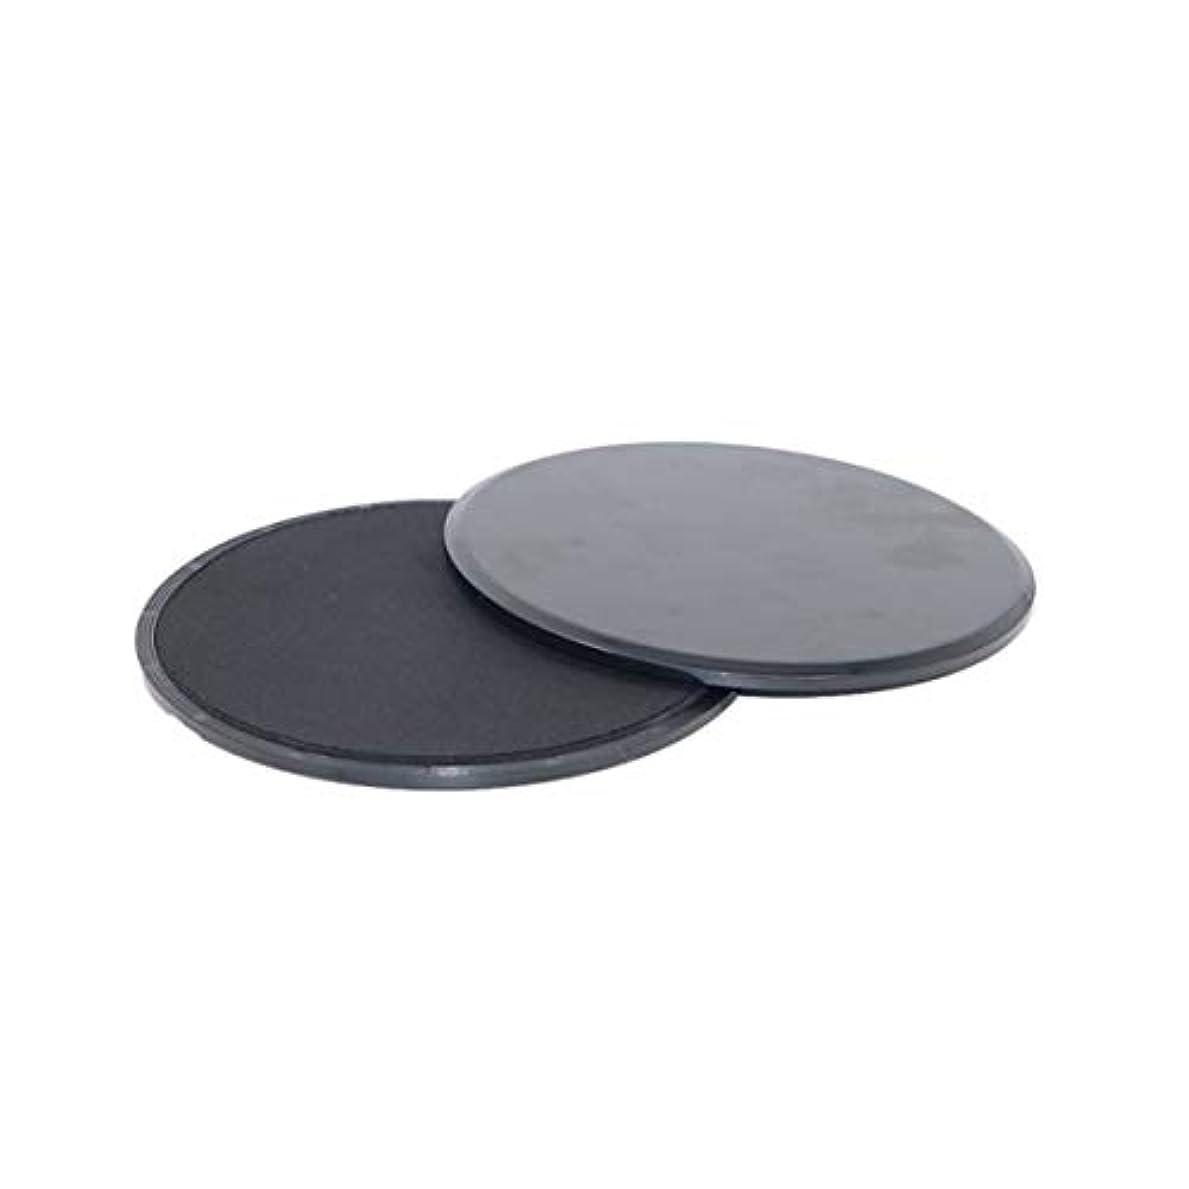 伝染性の輝く従者フィットネススライドグライディングディスク調整能力フィットネスエクササイズスライダーコアトレーニング腹部と全身トレーニング用 - ブラック